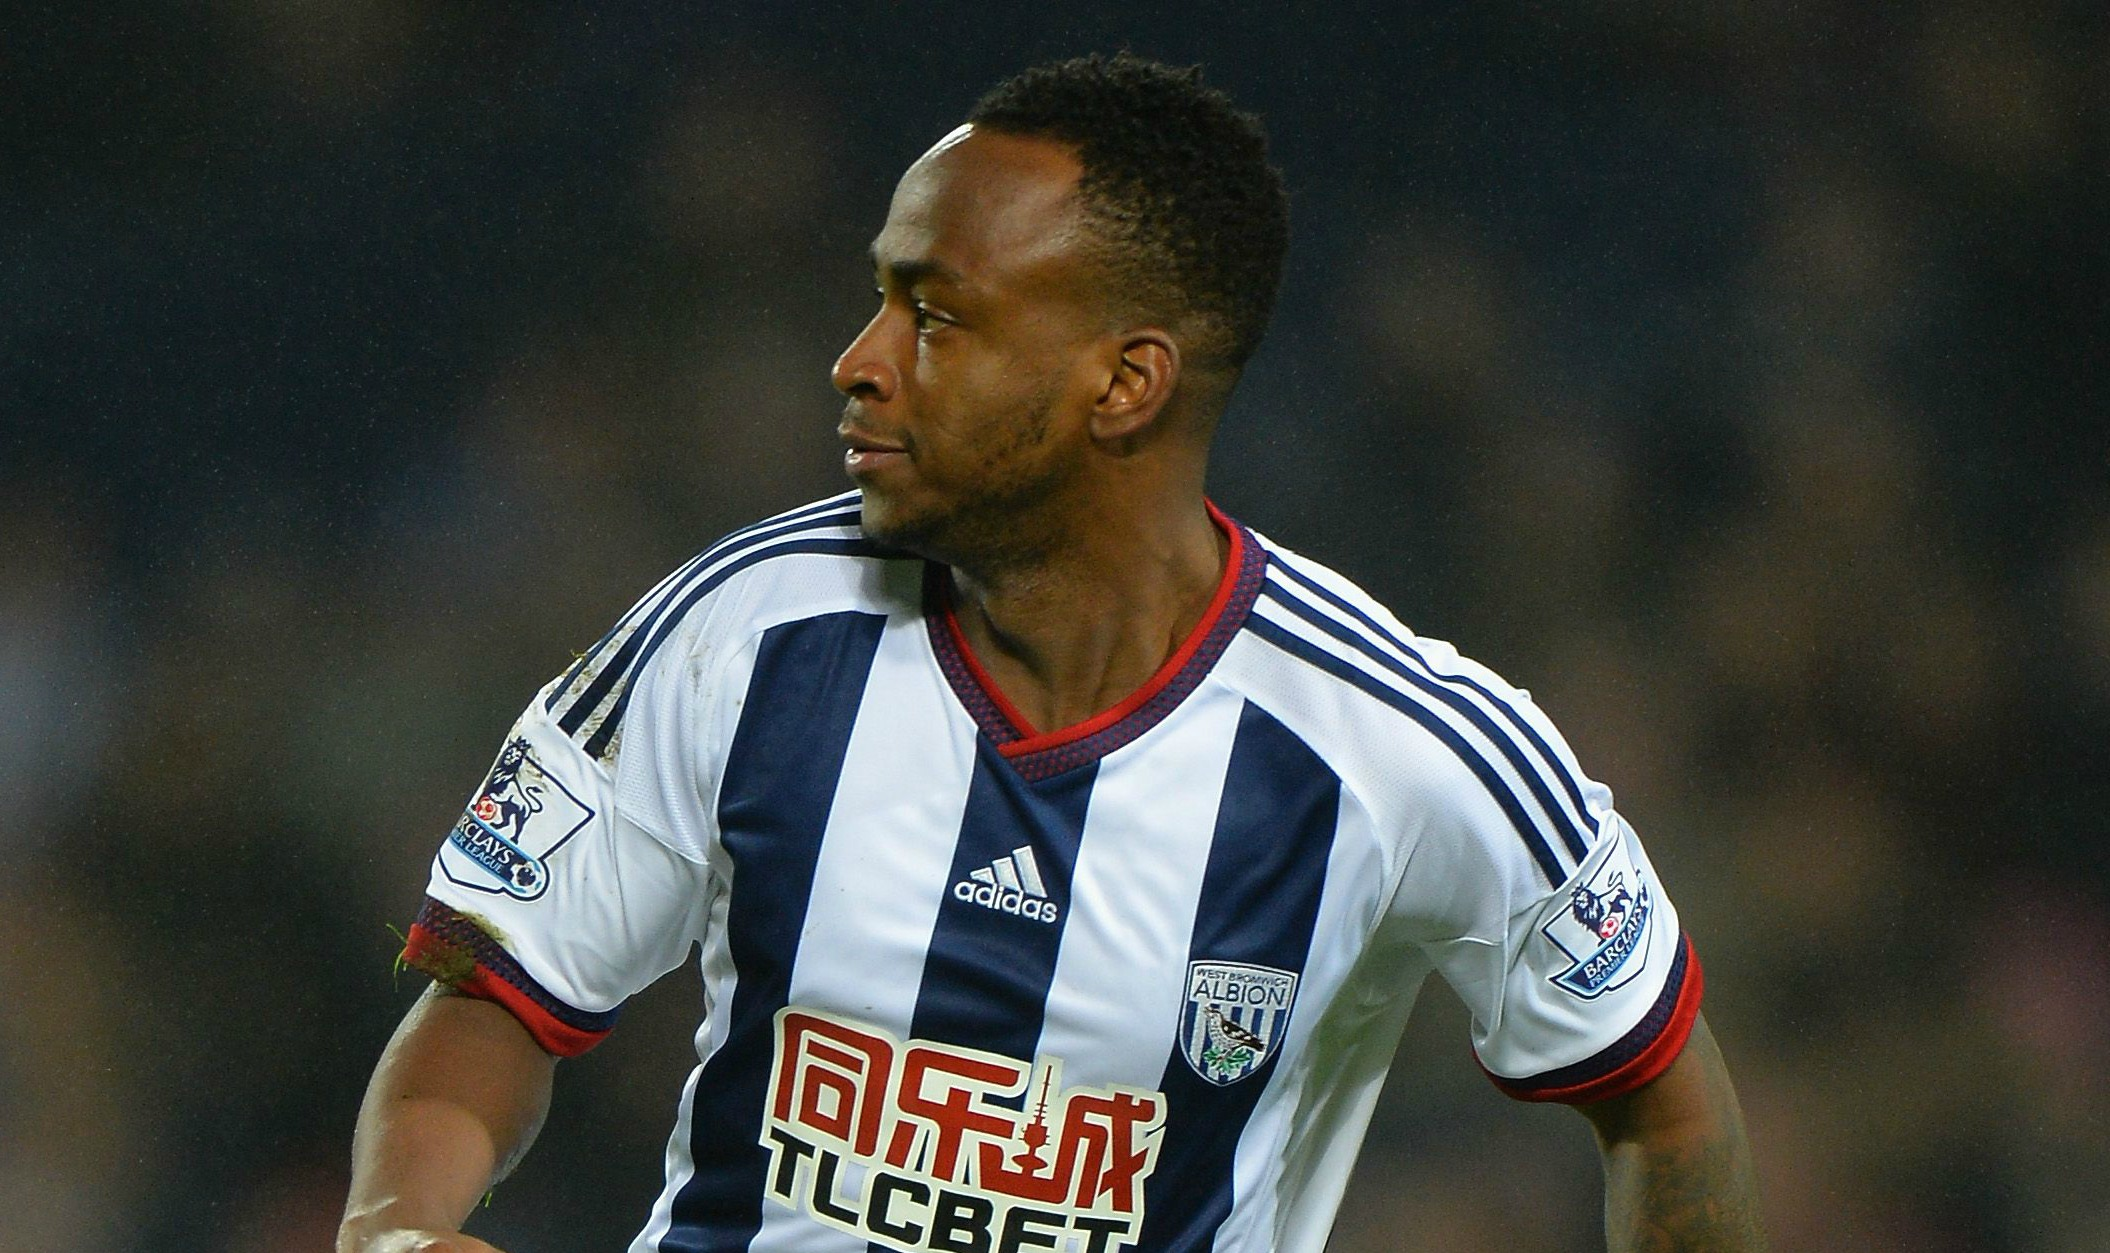 Liverpool eyeing transfer of Saido Berahino to replace Daniel Sturridge – report